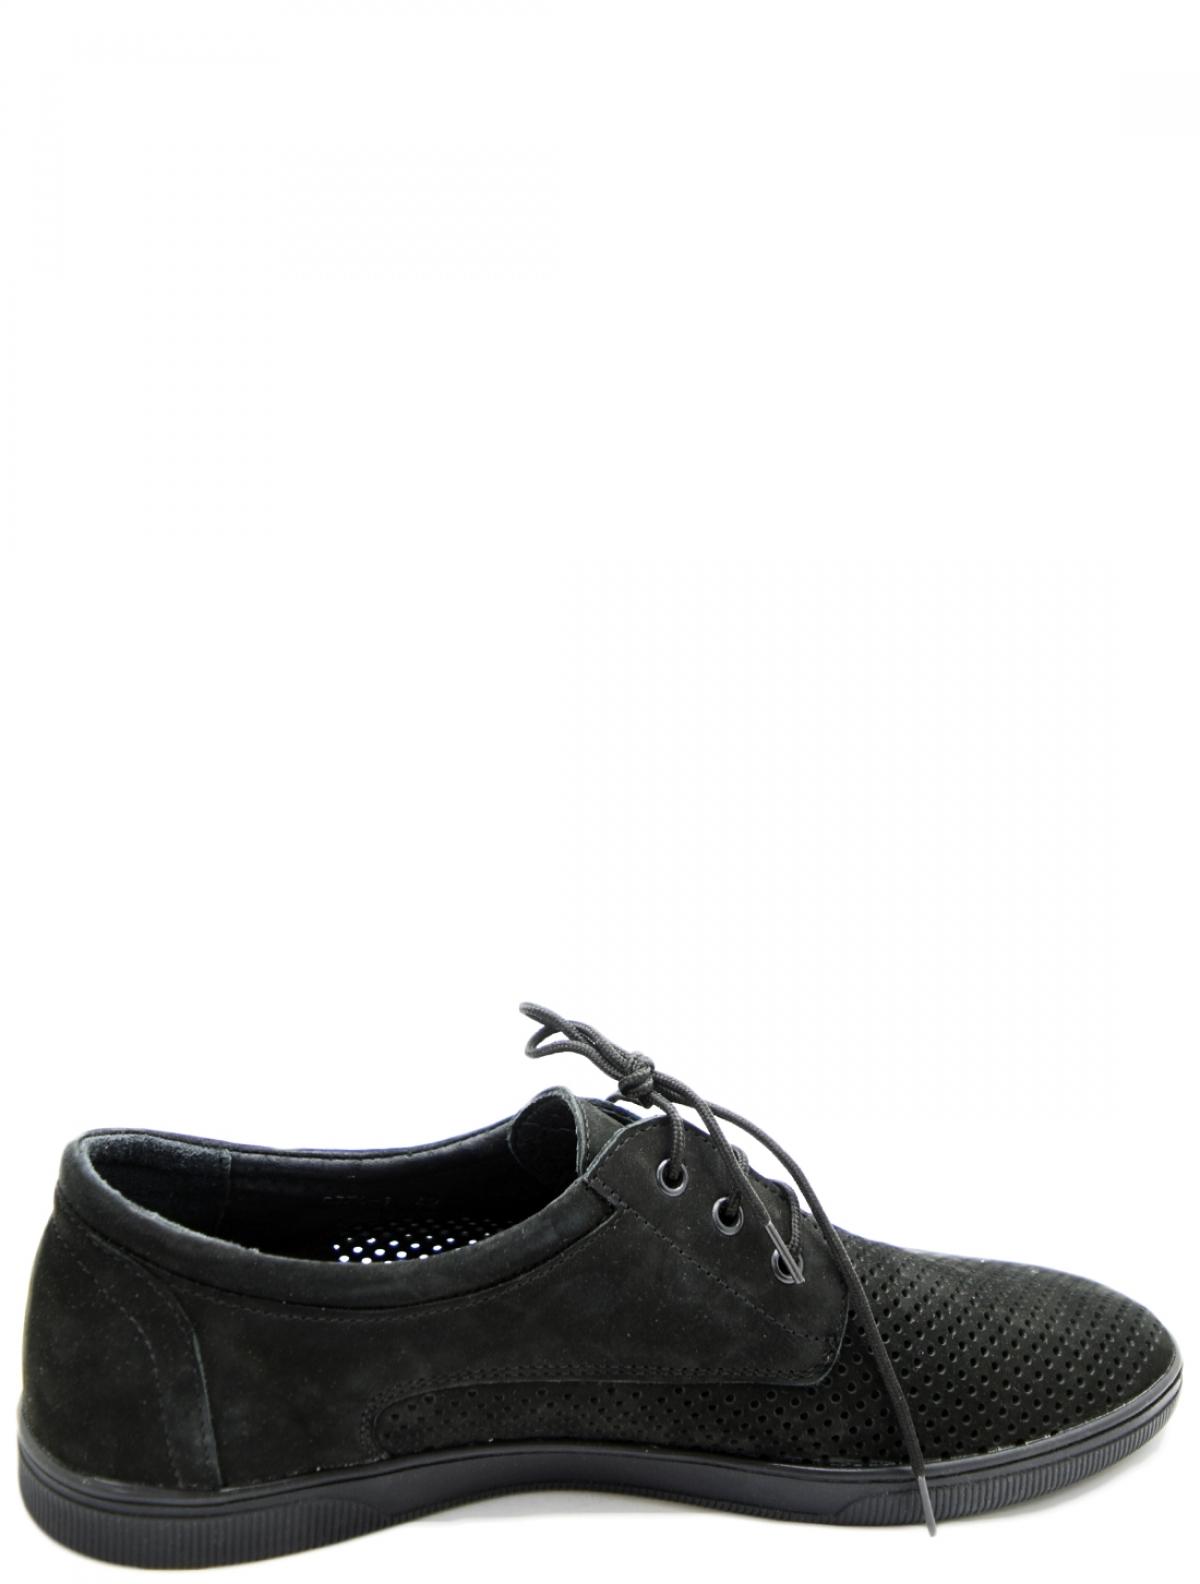 Элса 8374-1 мужские туфли